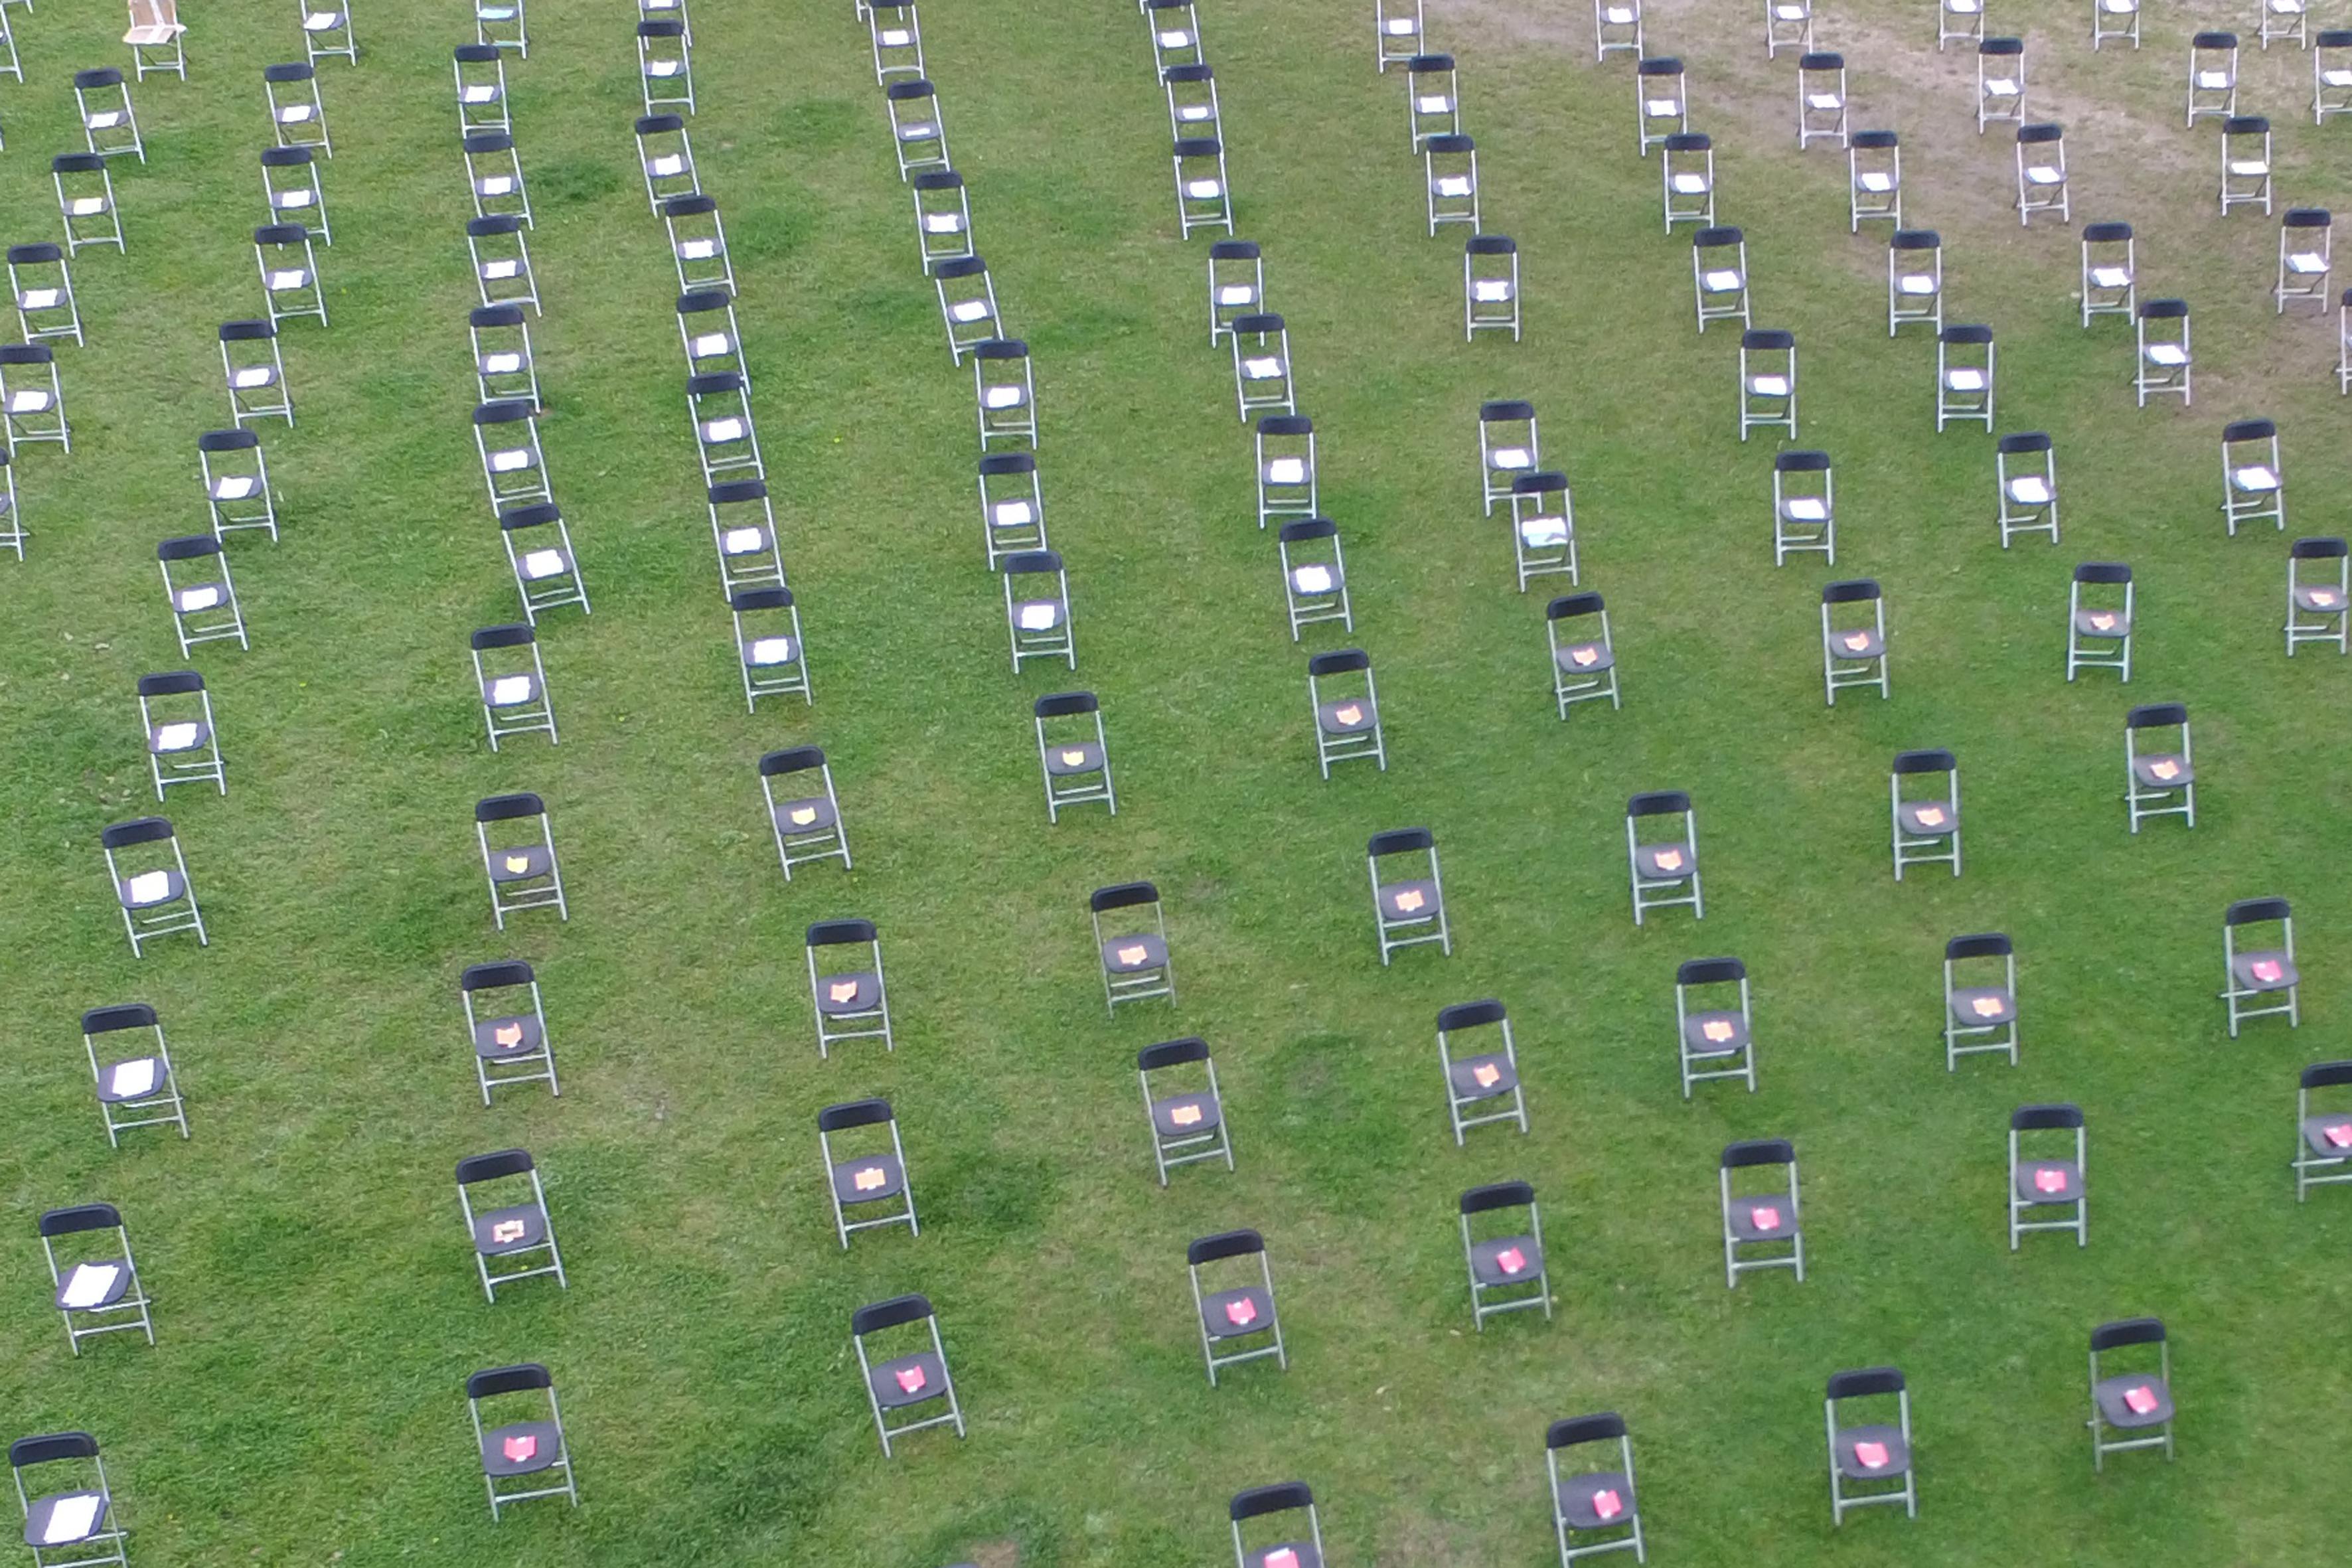 Honderden lege plekken: Wijk aan Zees klapstoelenprotest voor een gezonder leefmilieu geeft een macabere aanblik